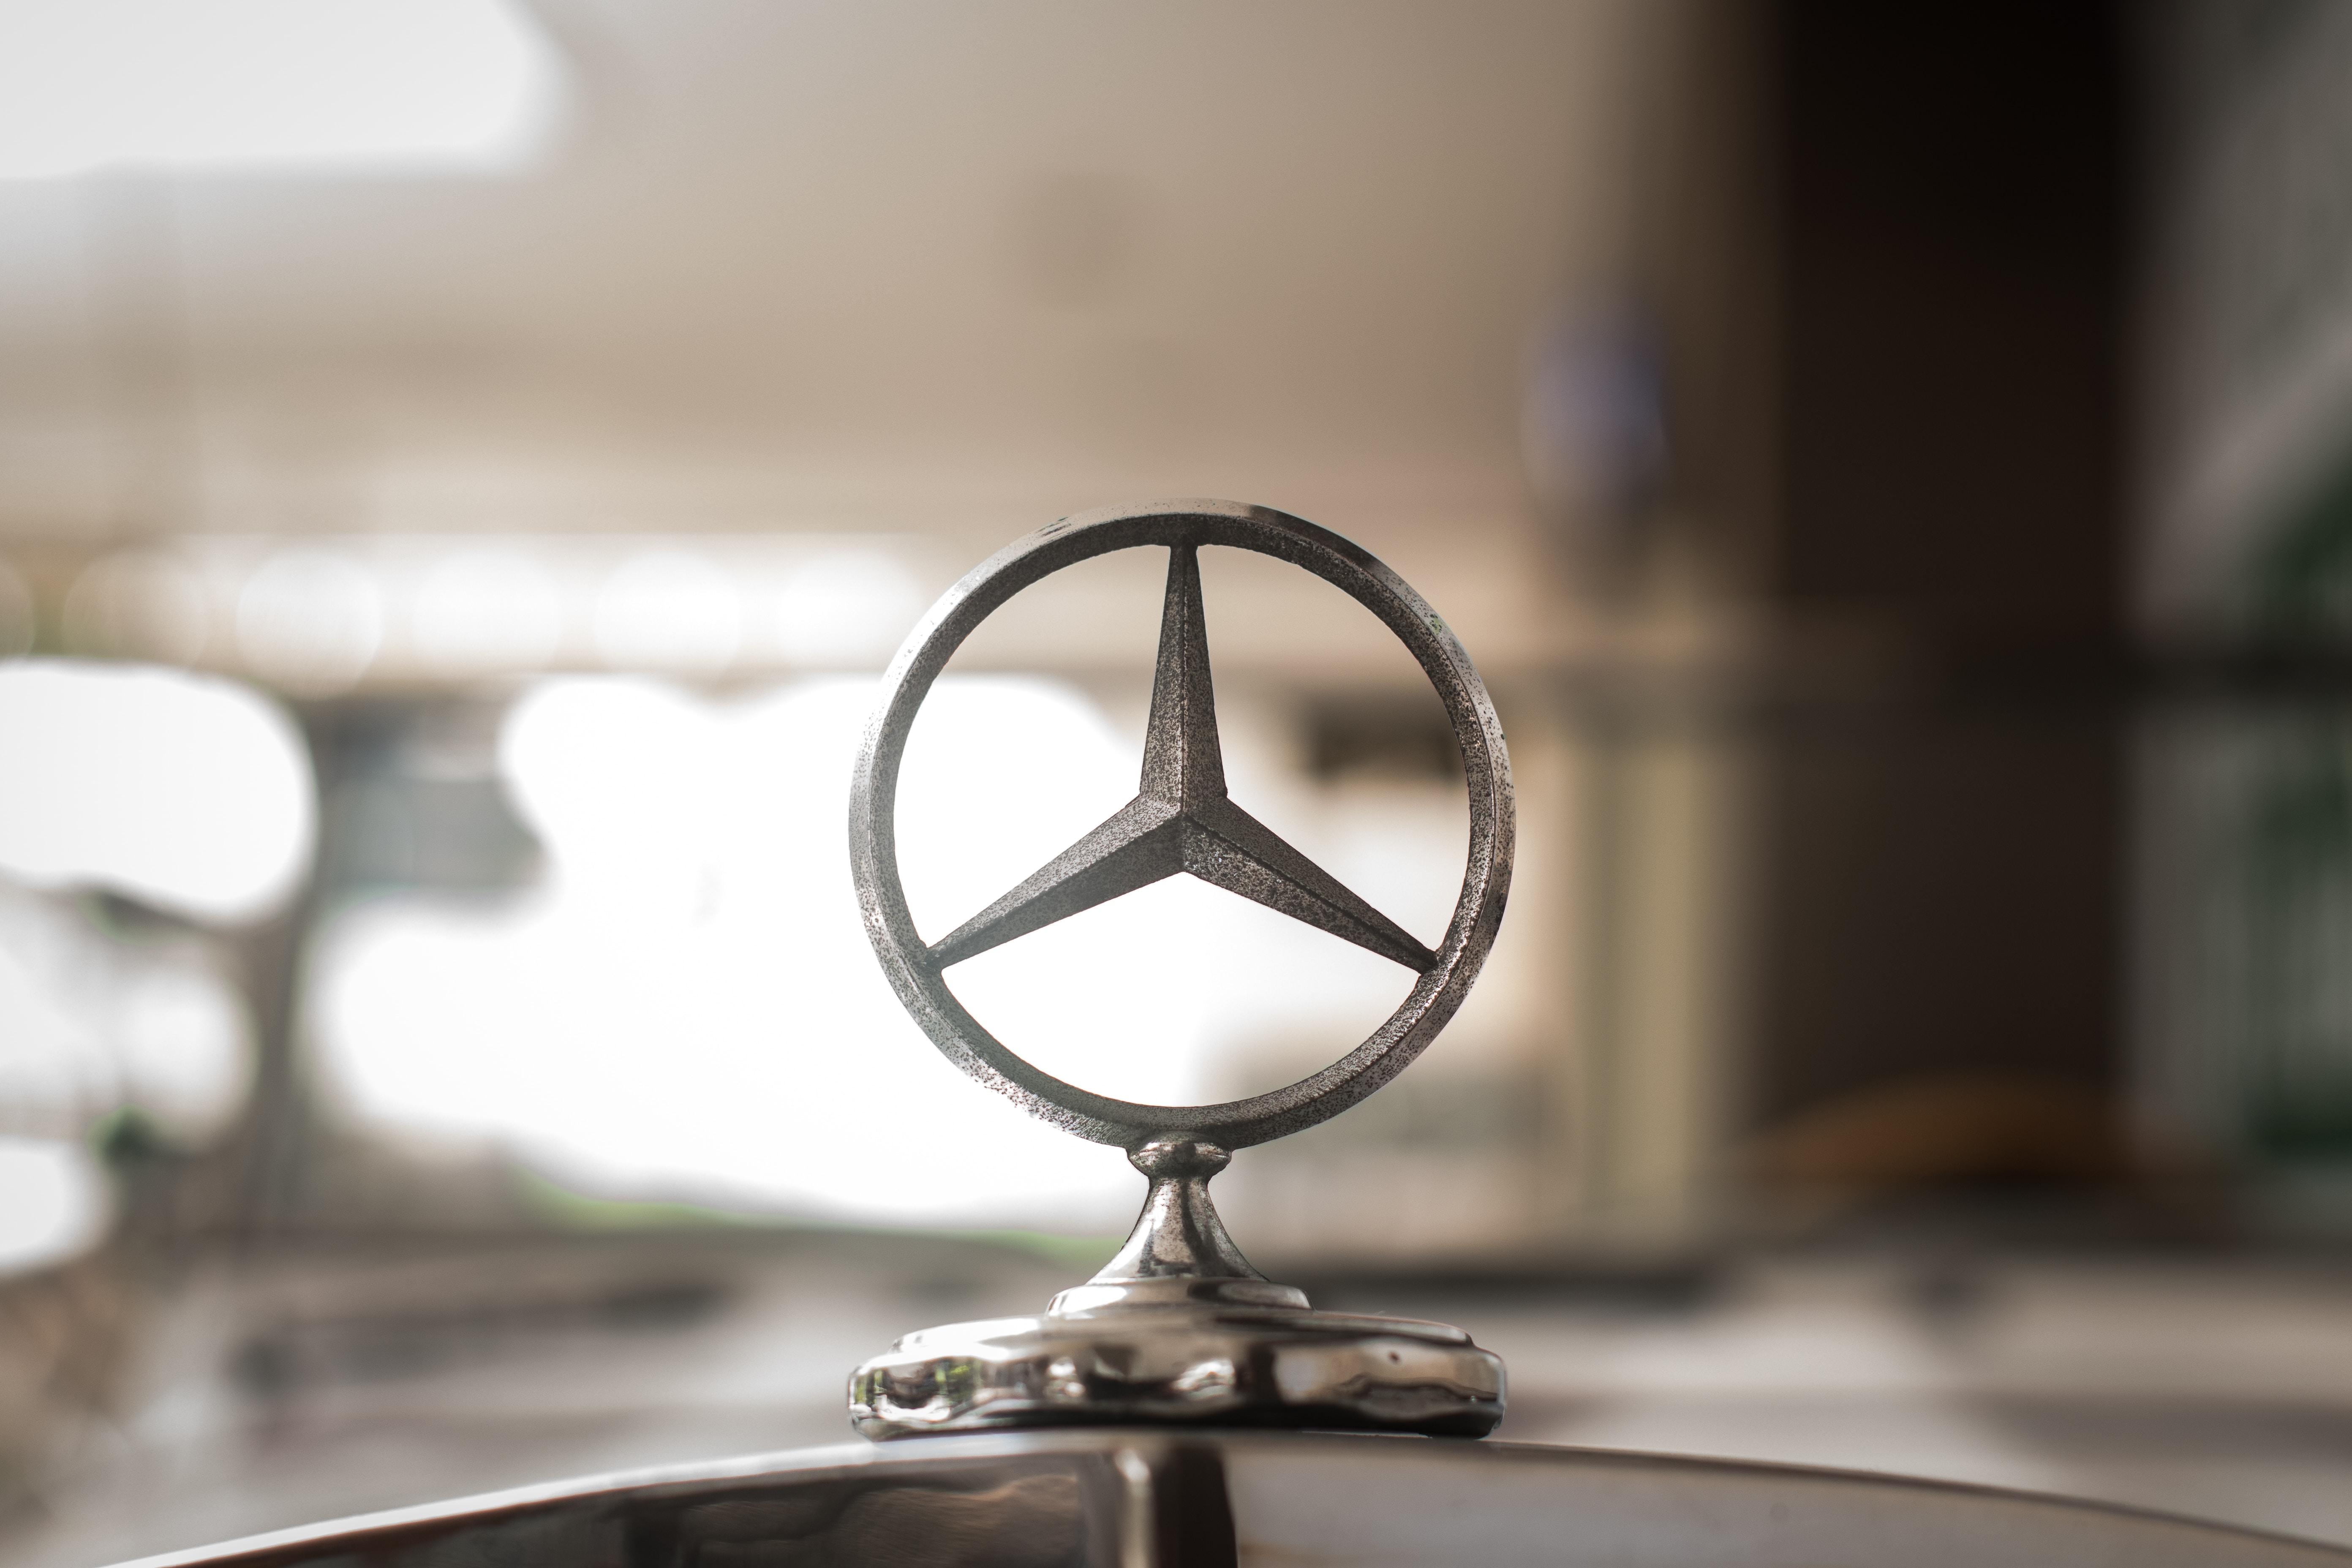 gray Mercedes-Benz hood ornament